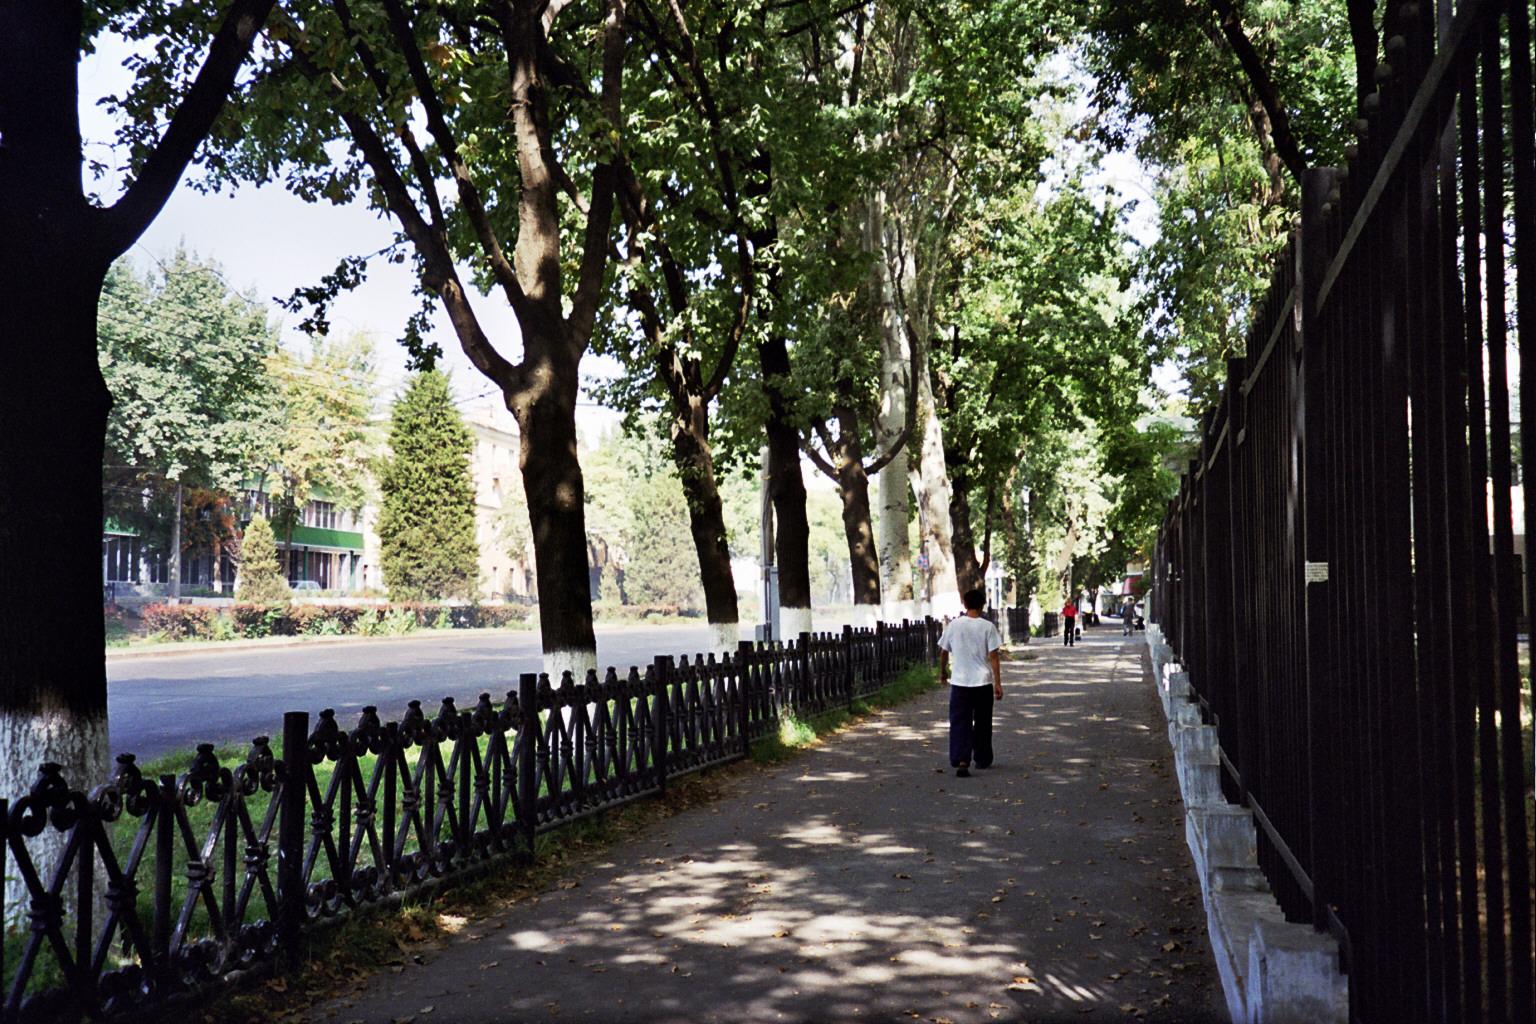 разновидность конструкций, ташкент улица лафарга фото можно сканировать снимок